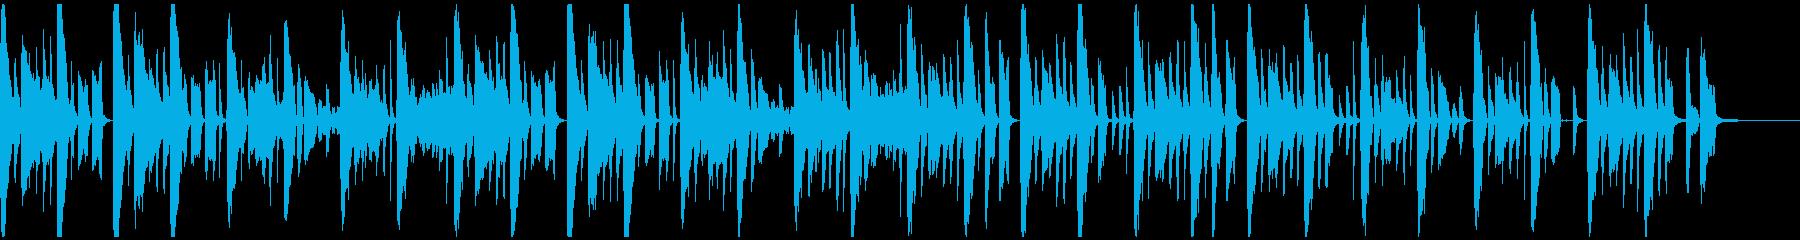 モノづくり、機械、ポップ、情報、説明Sの再生済みの波形